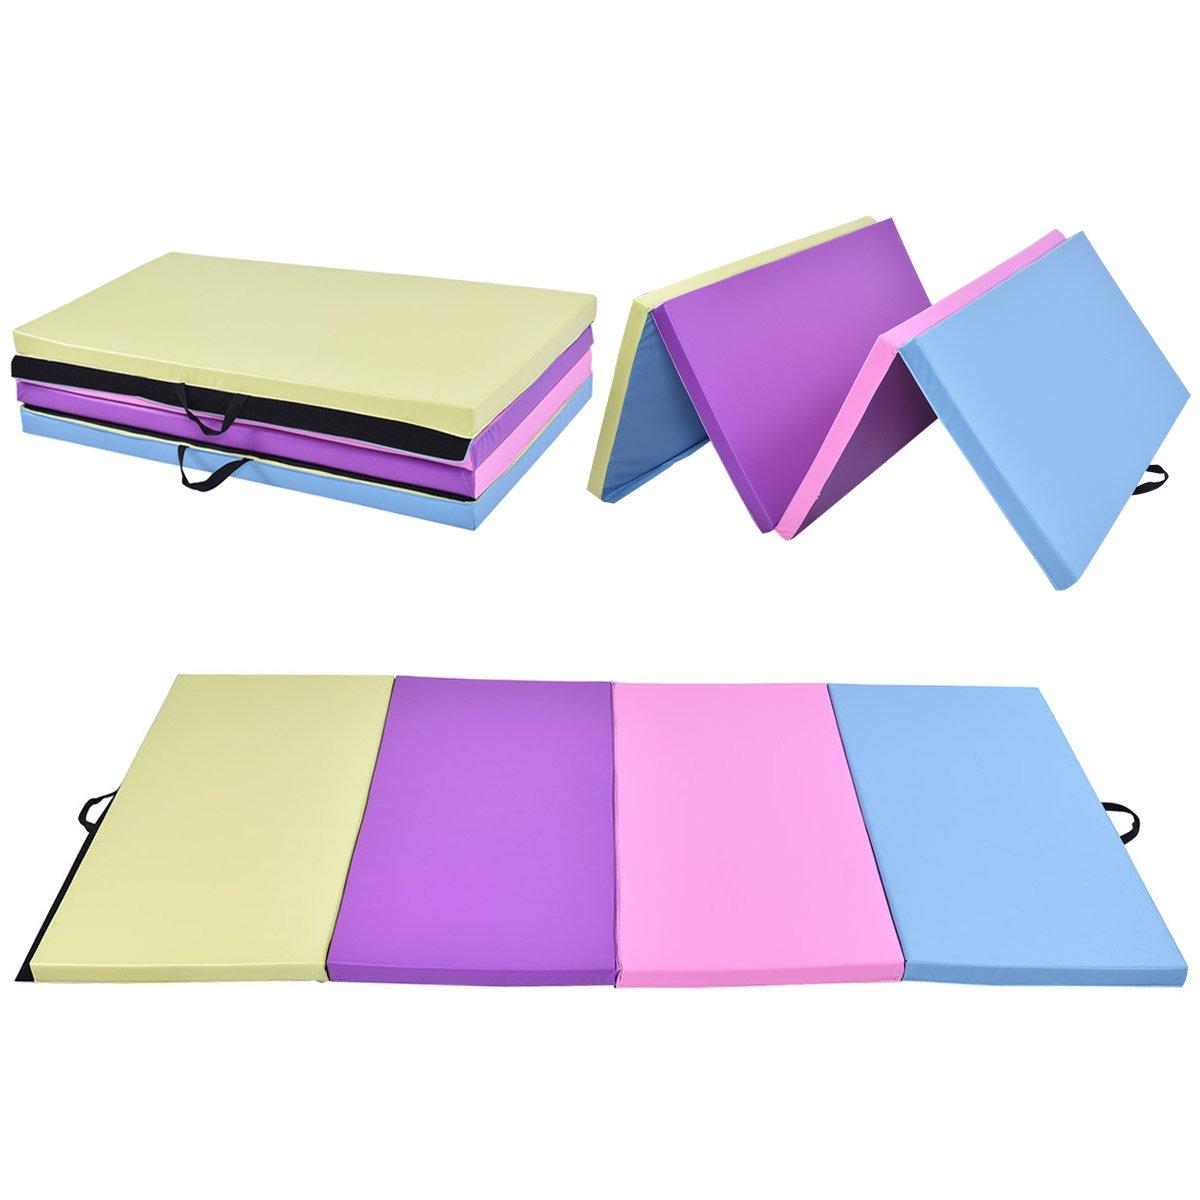 Blitzzauber 24 Gymnastikmatte Yogamatte Weichbodenmatte Fitnessmatte Turnmatte Spielmatte faltbar rutschfest bunt